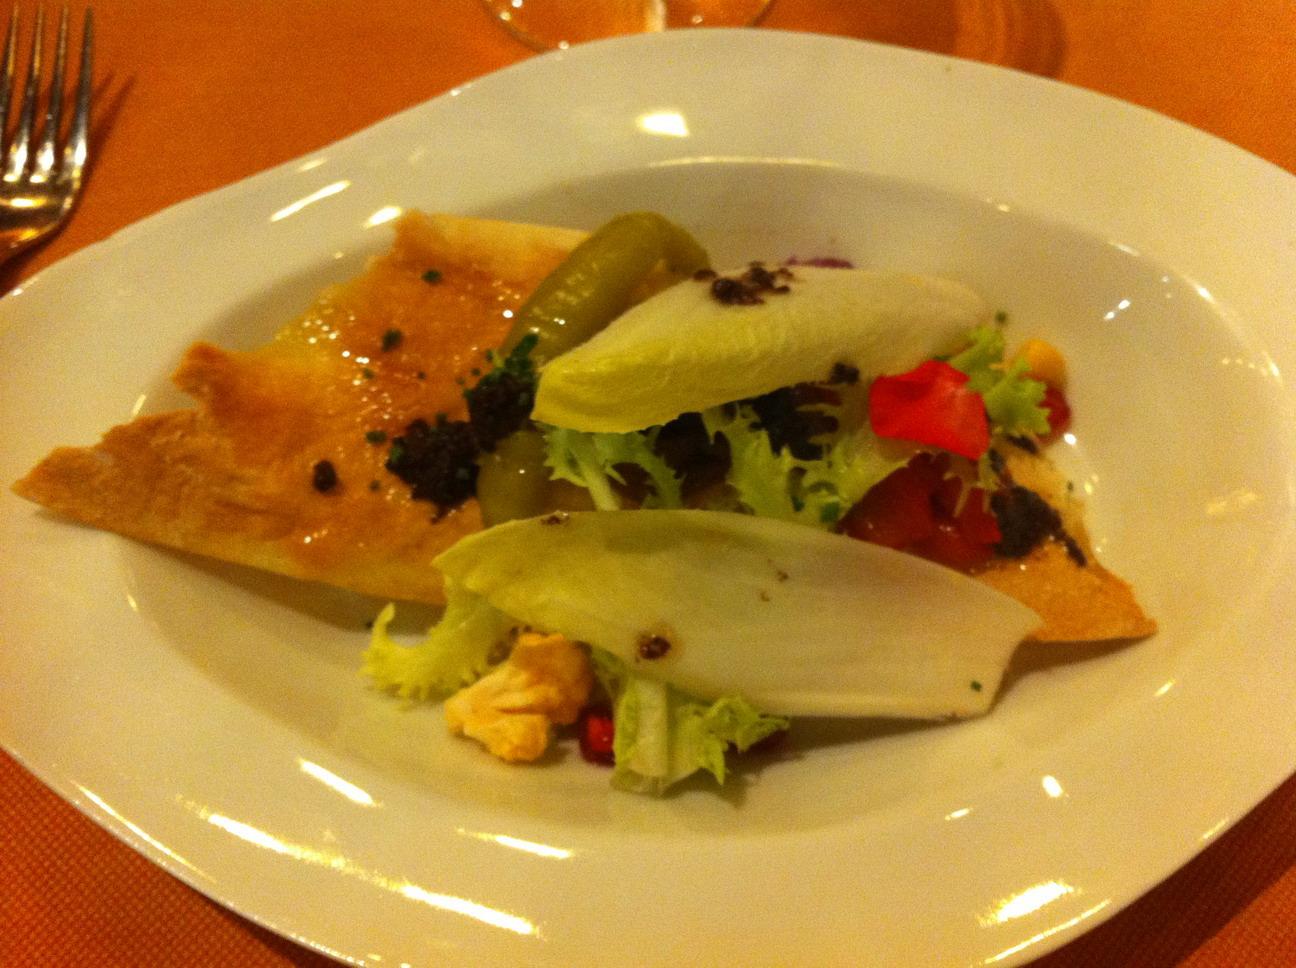 Restaurante en Vacarisses Una ensalada que me hago mejor en casa